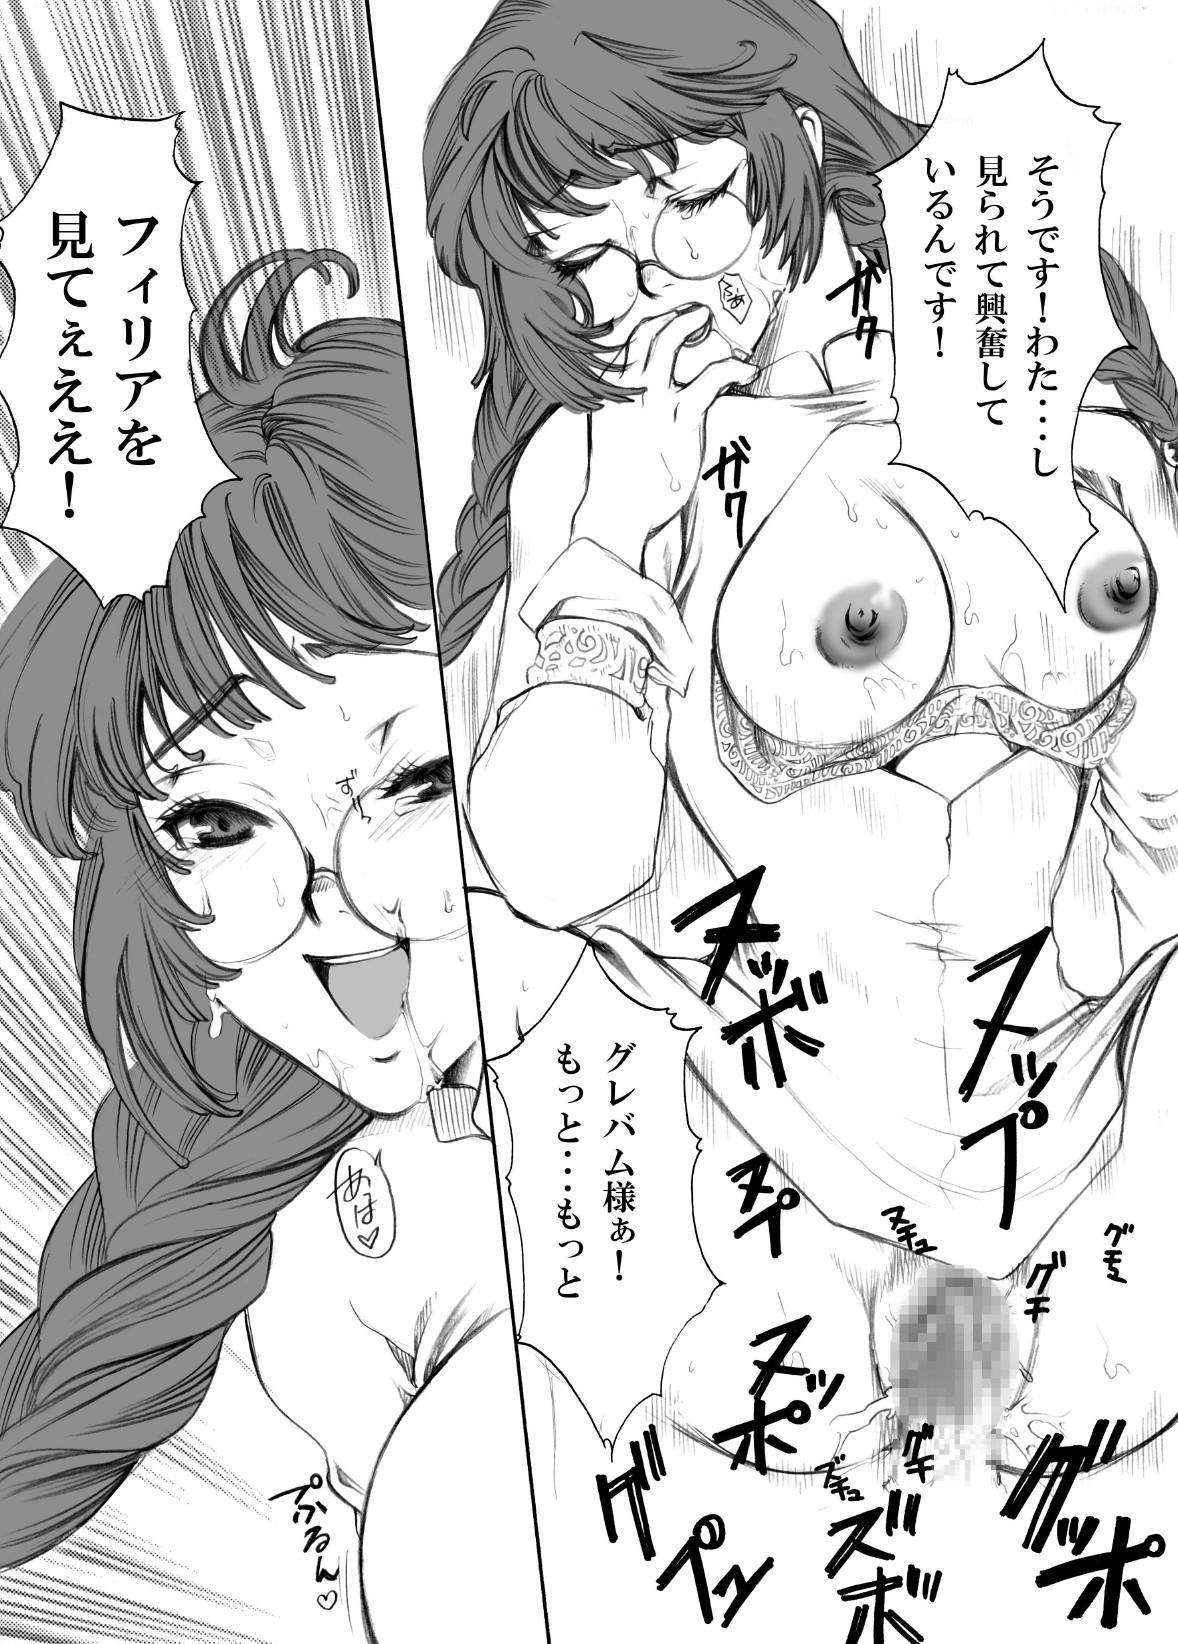 Tales no toriko 39